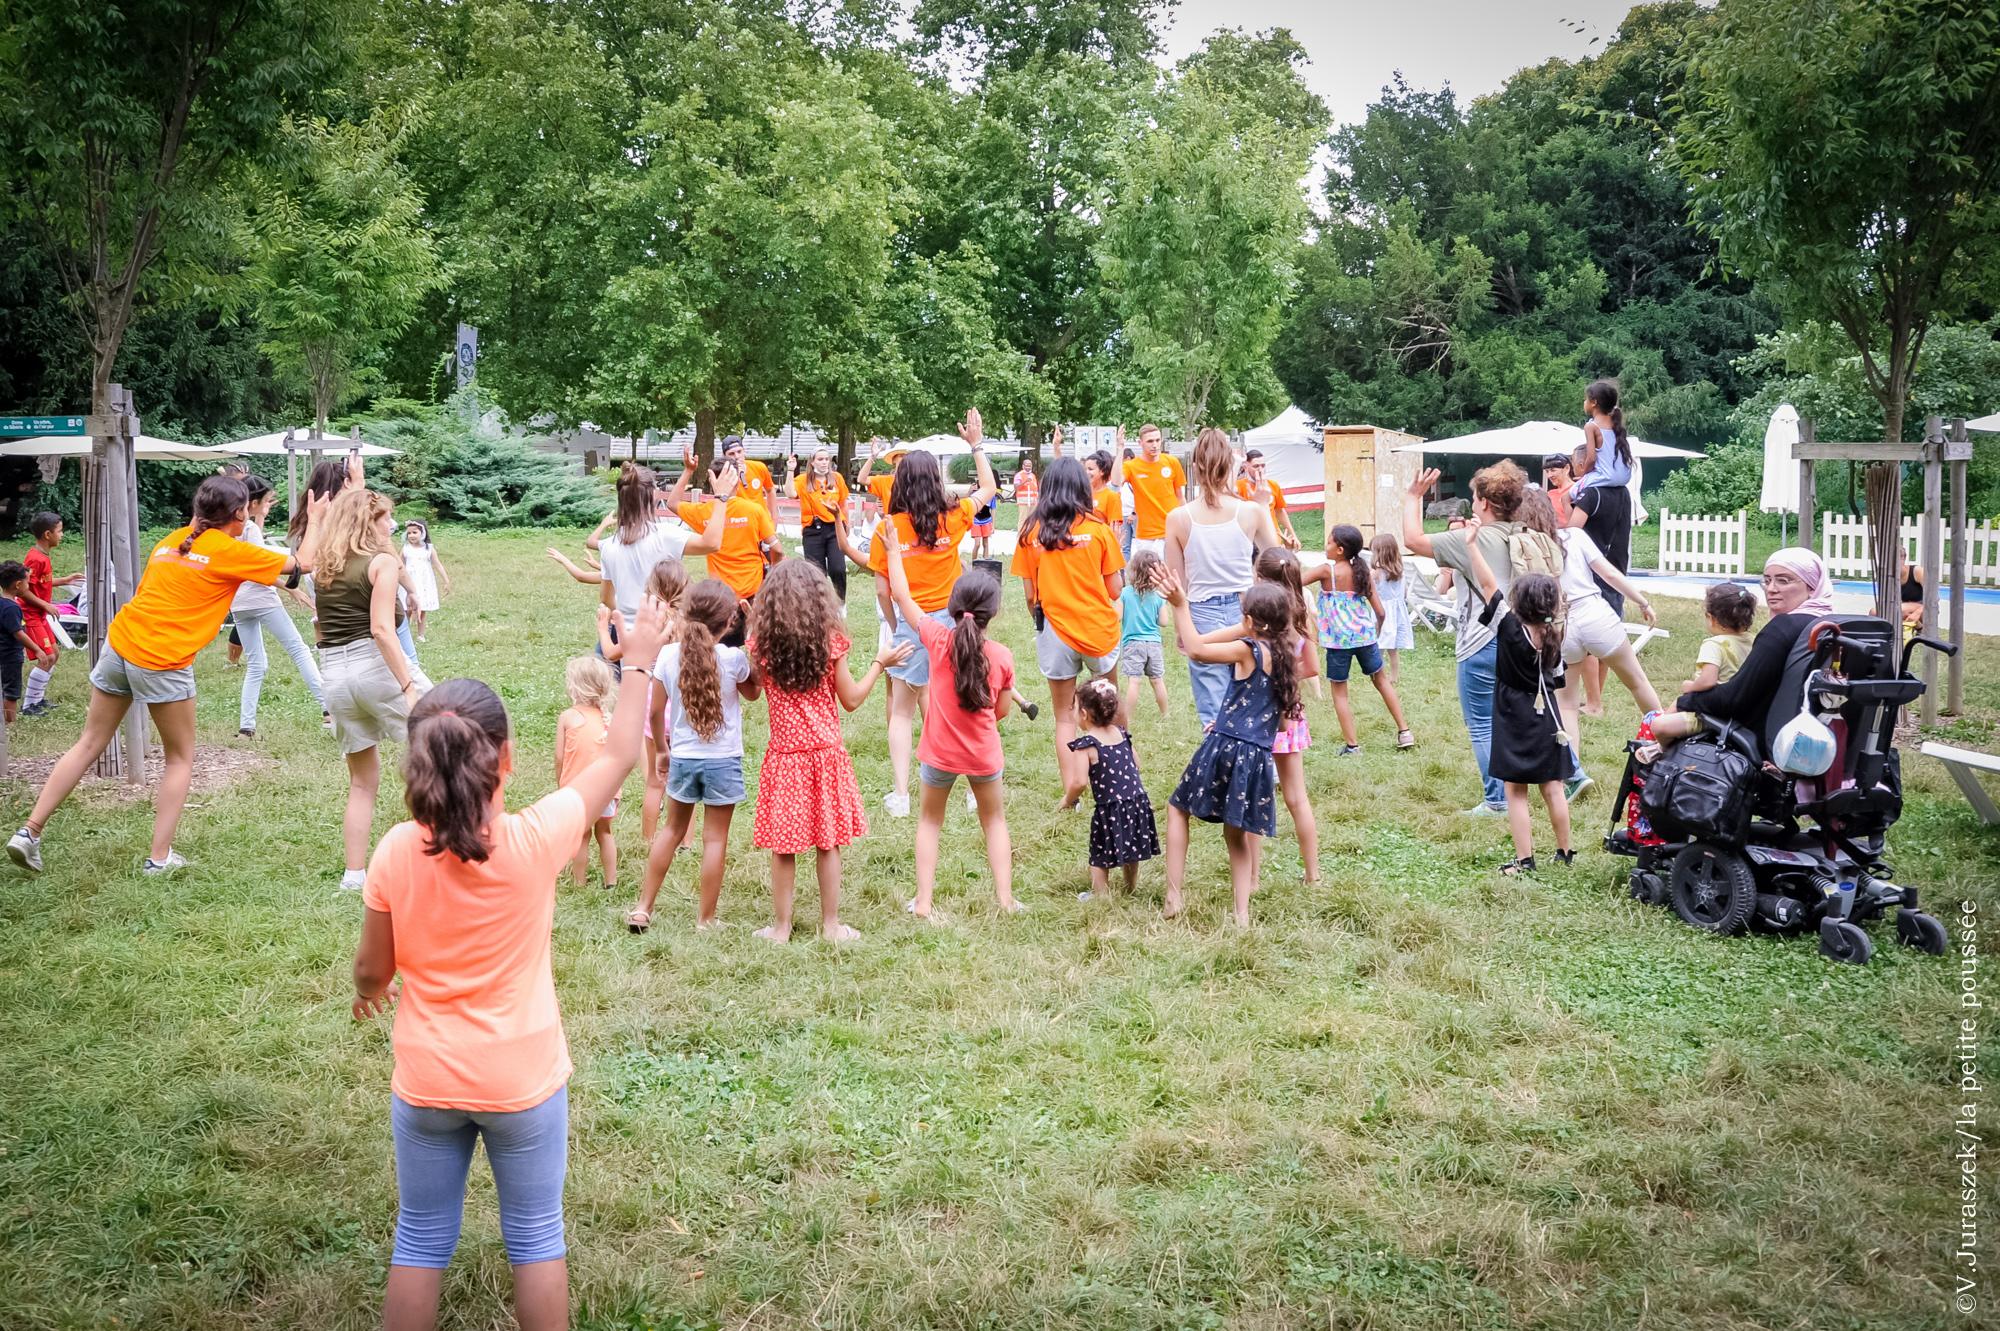 """atelier photo pour l'association """"la petite poussée"""" qui s""""est deroulé lors de l'événement """"l'été oh parc"""" le 30 juillet 2021-Grenoble-France"""